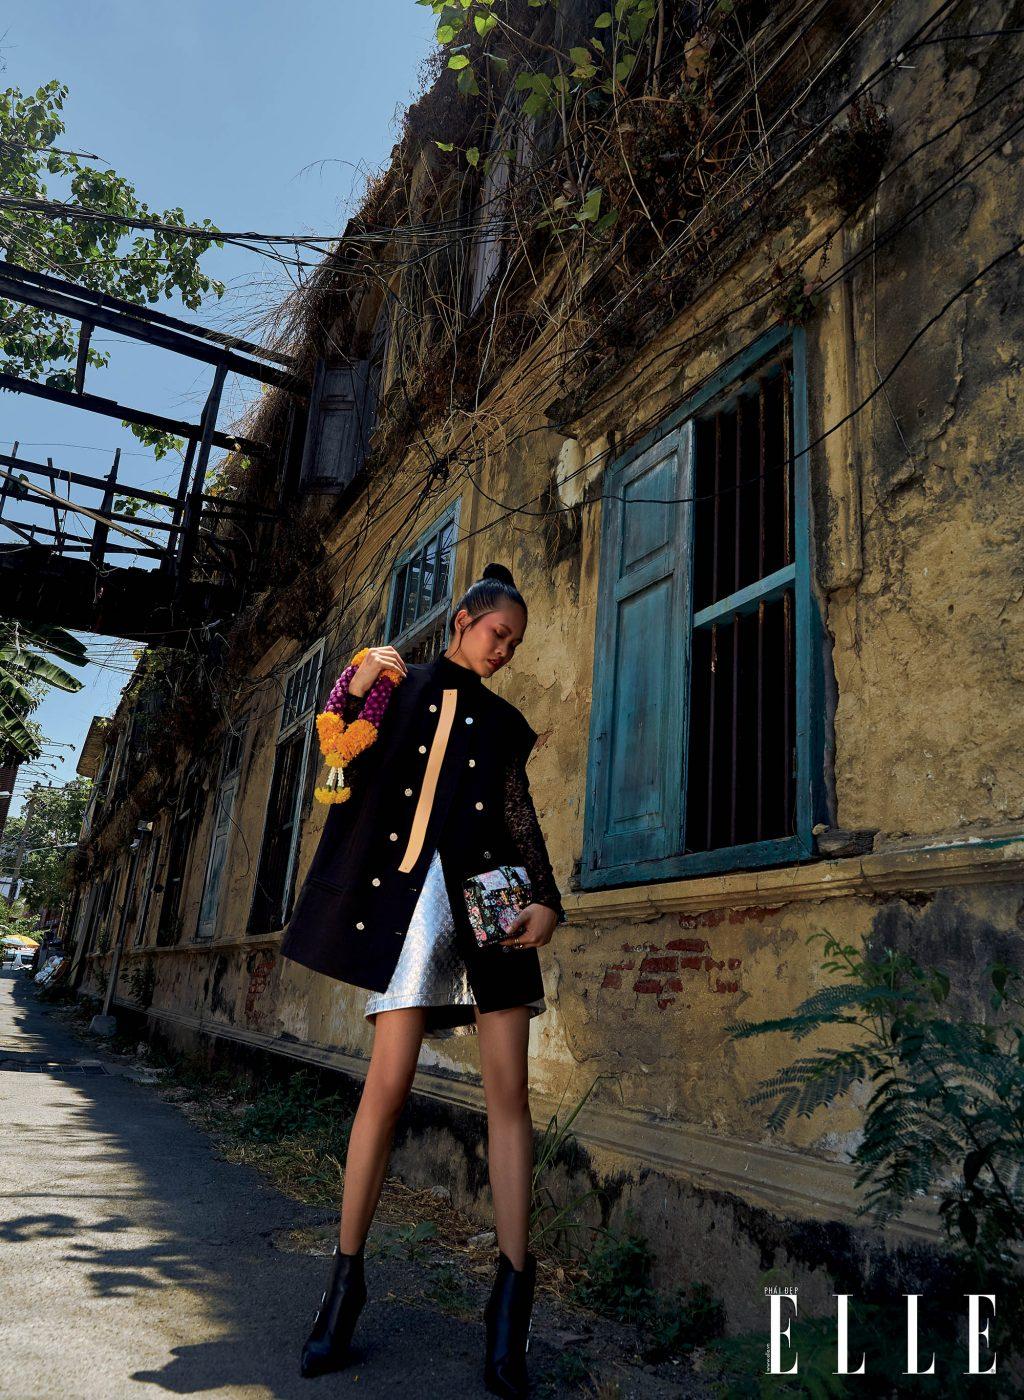 bộ ảnh thời trang bangkok vàng nắng - áo khoác màu đen và đầm ánh bạc